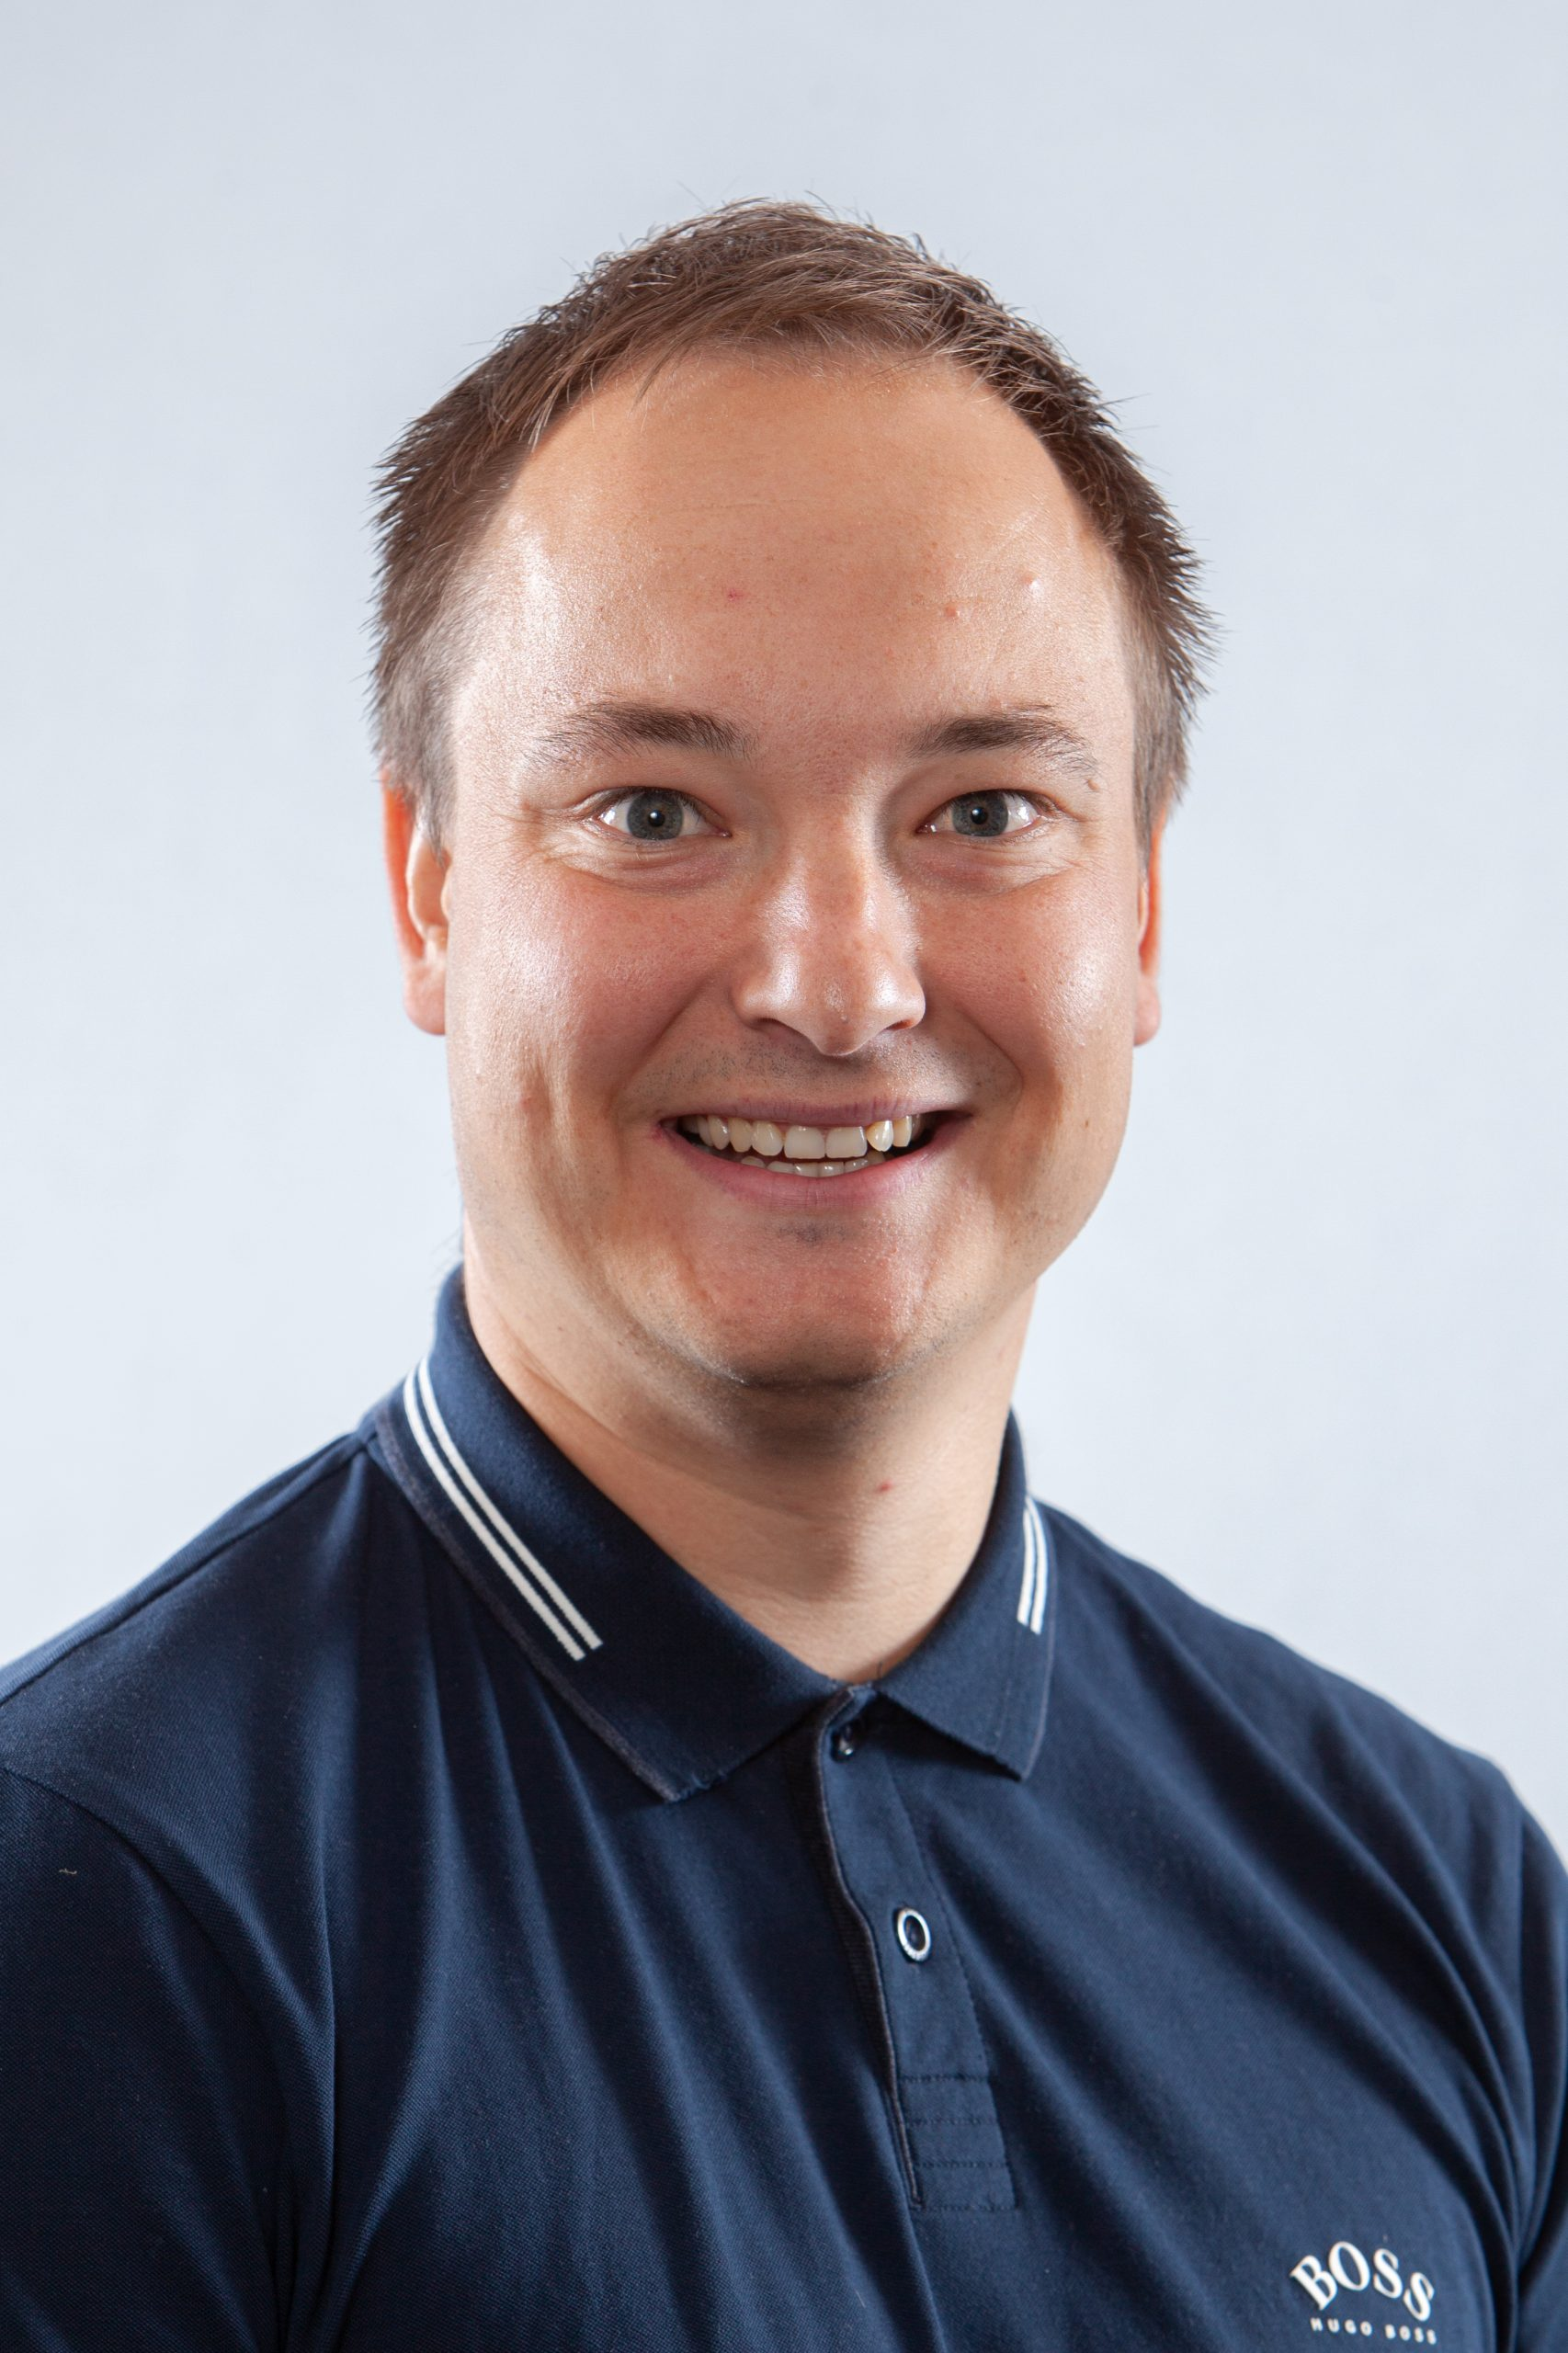 Maarten Jonkers